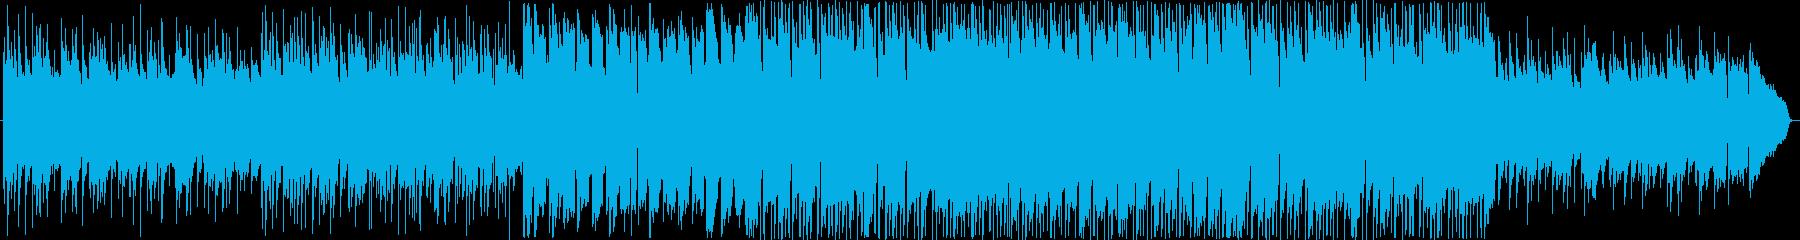 喜びと安堵を表現したポップバラードの再生済みの波形